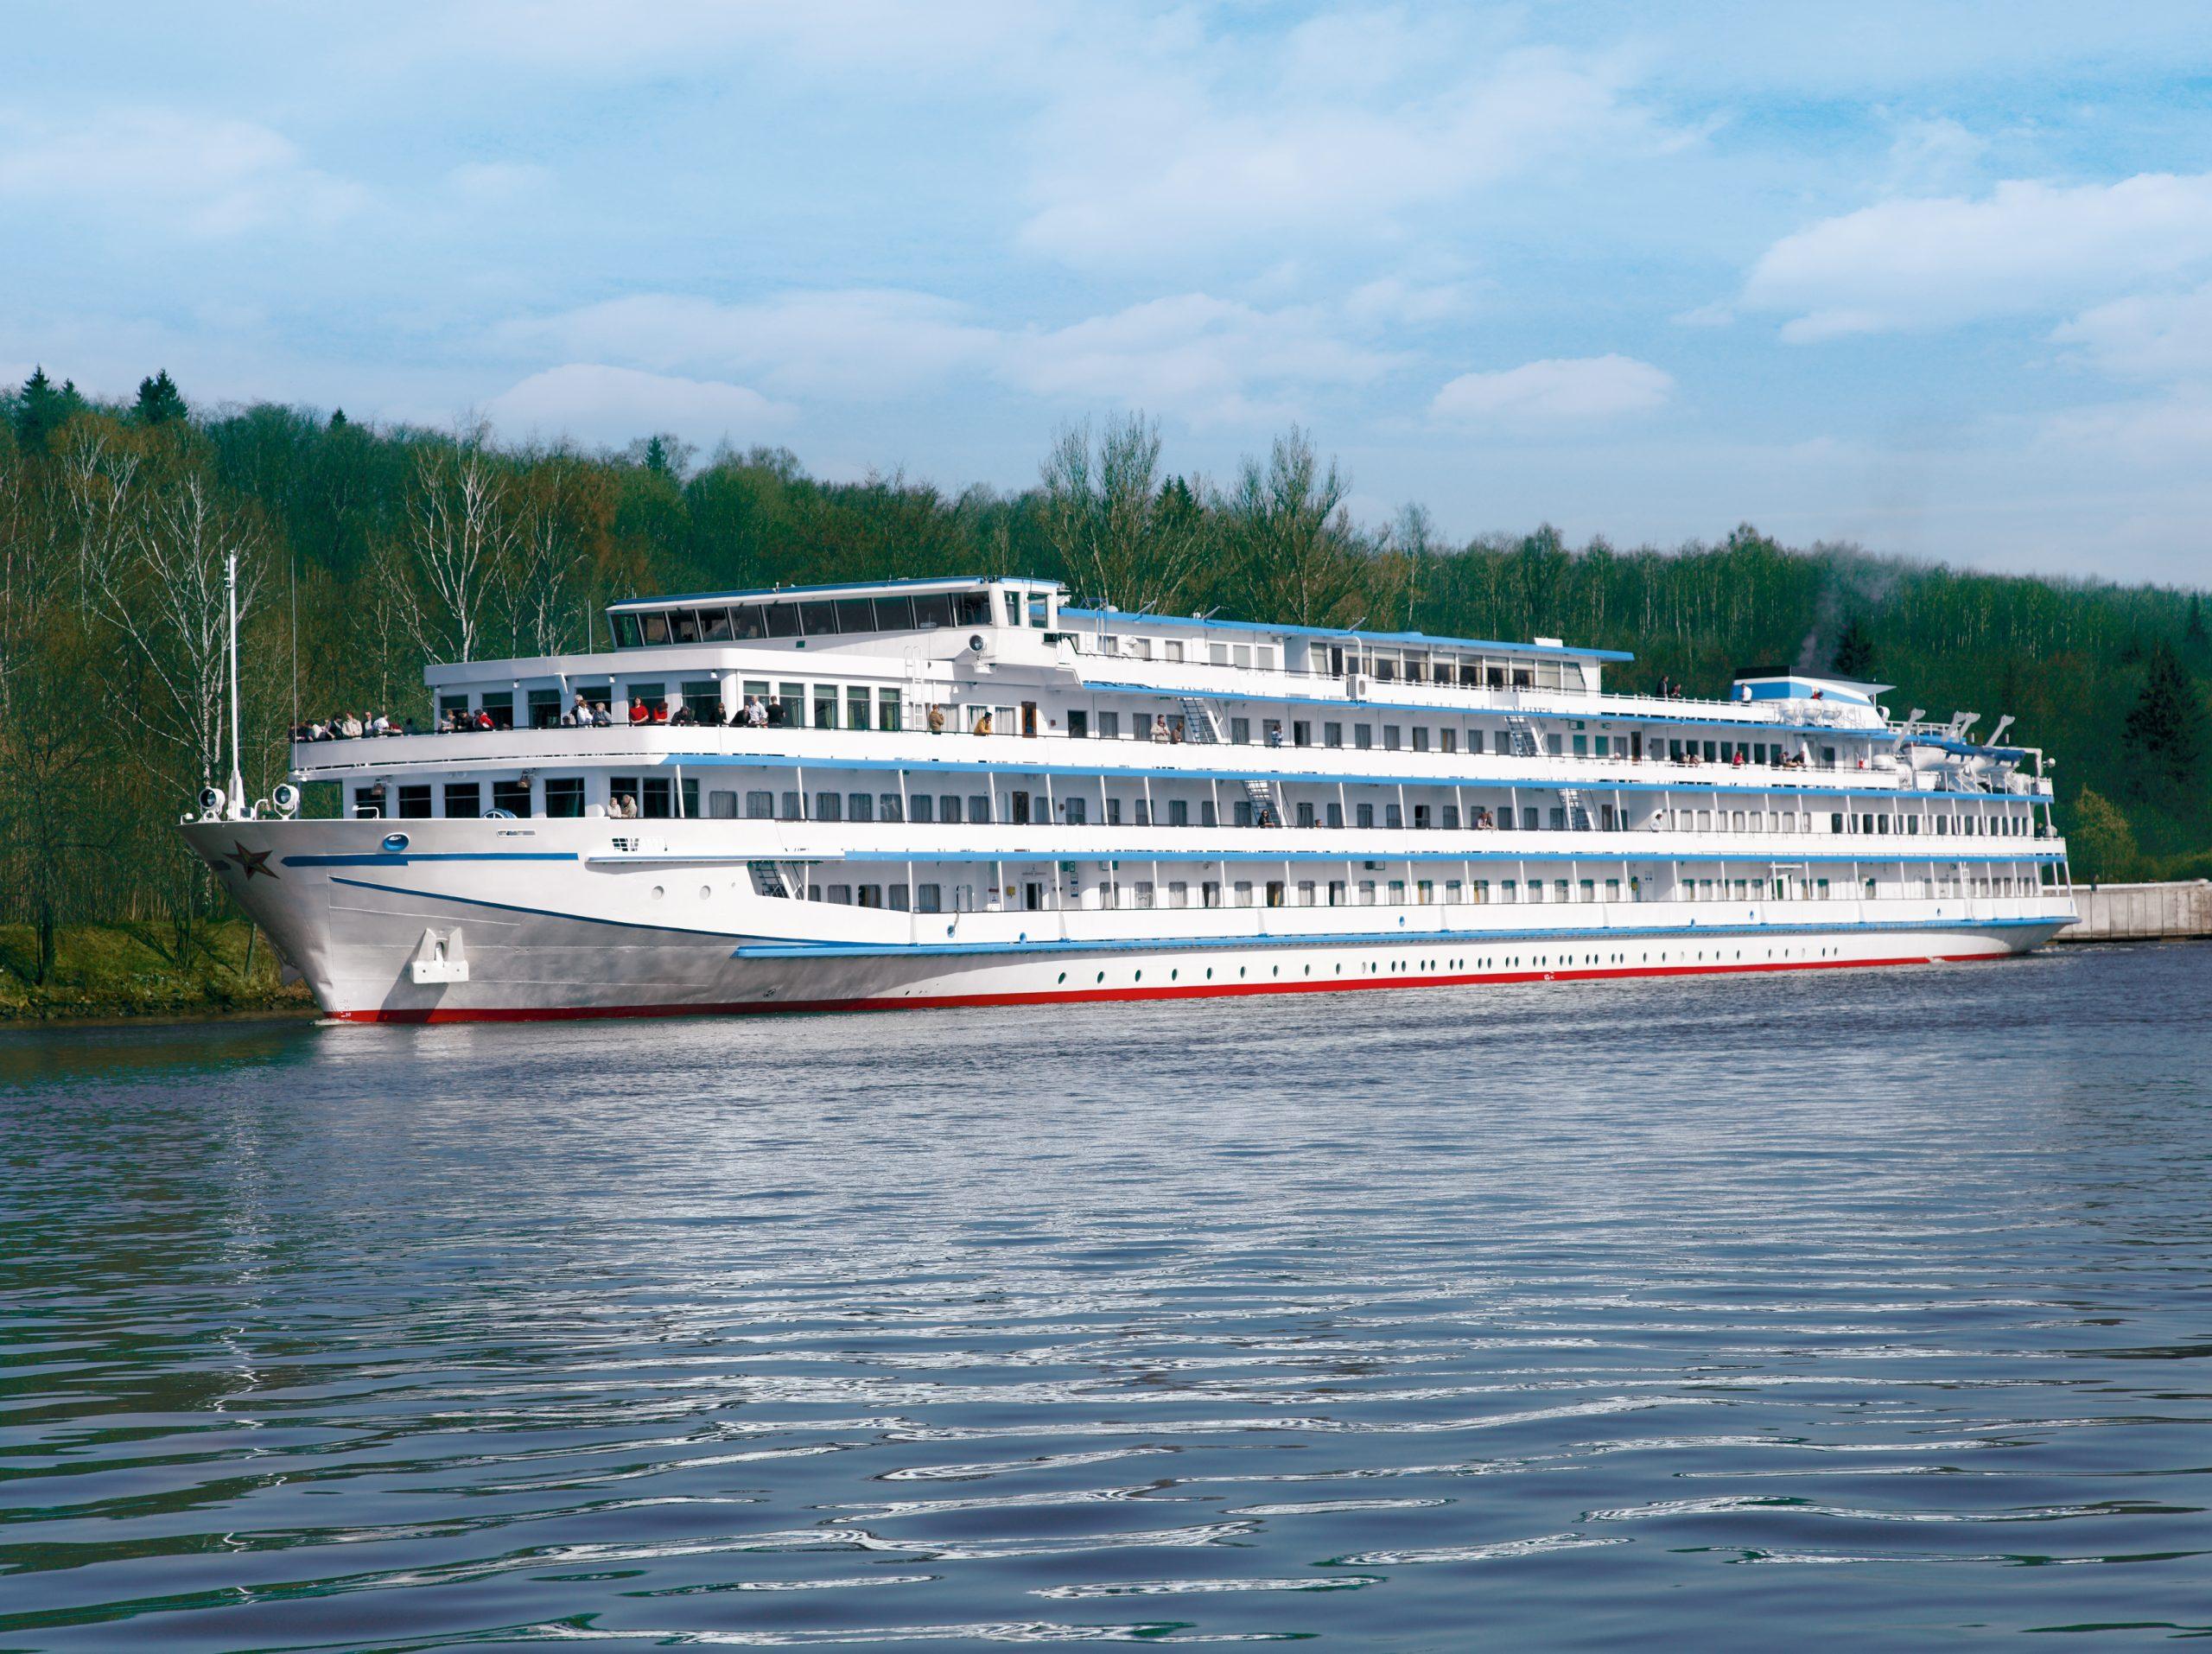 River Victoria - Flusskreuzfahrten-Reisen